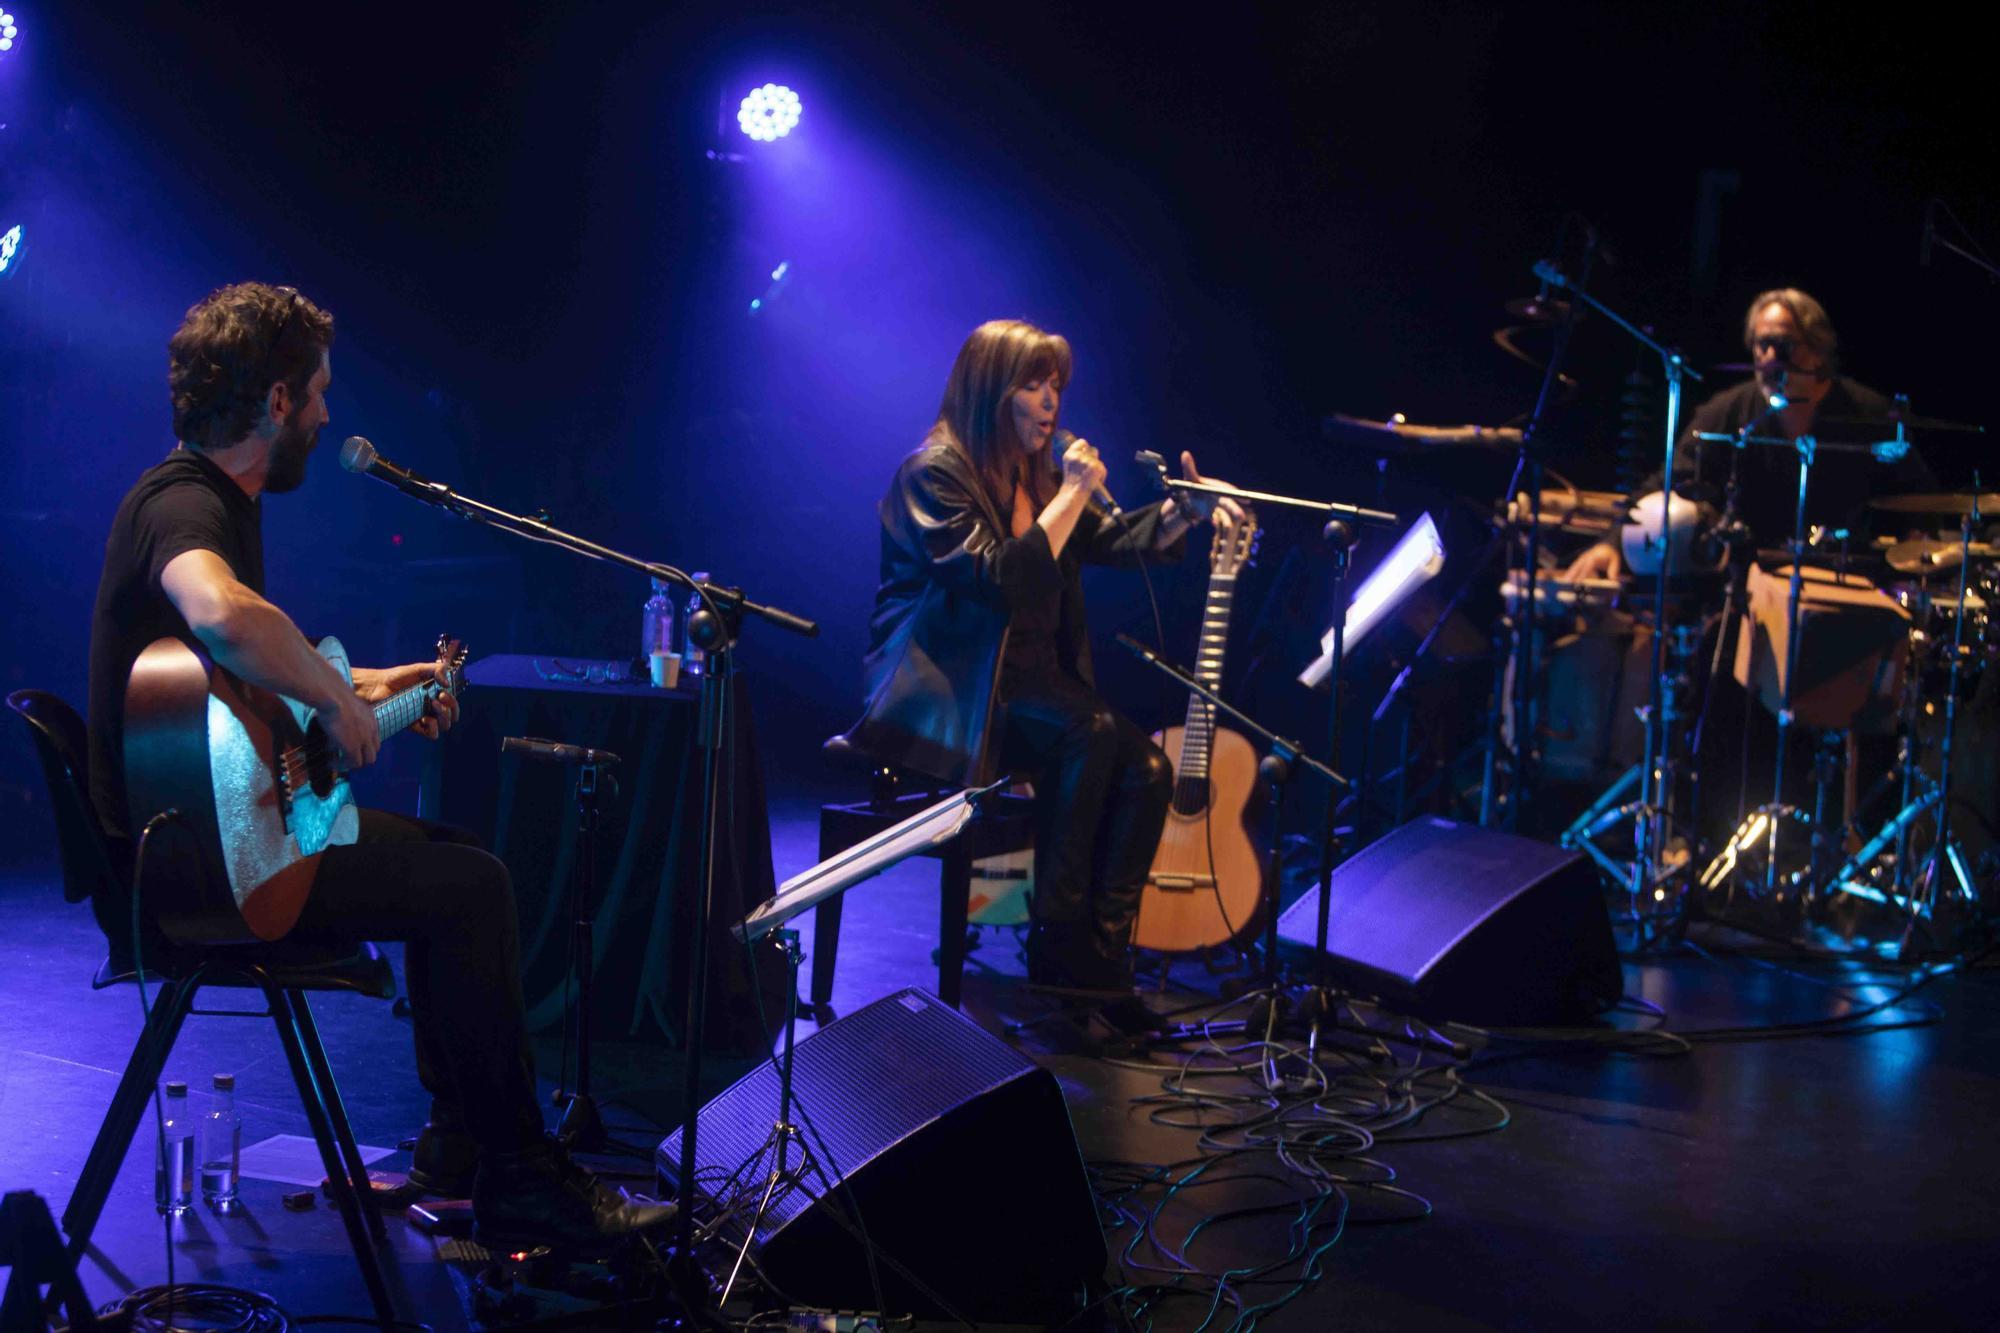 Así fue la actuación de María del Mar Bonet y Borja Penalba en el Gran Teatre de Xàtiva